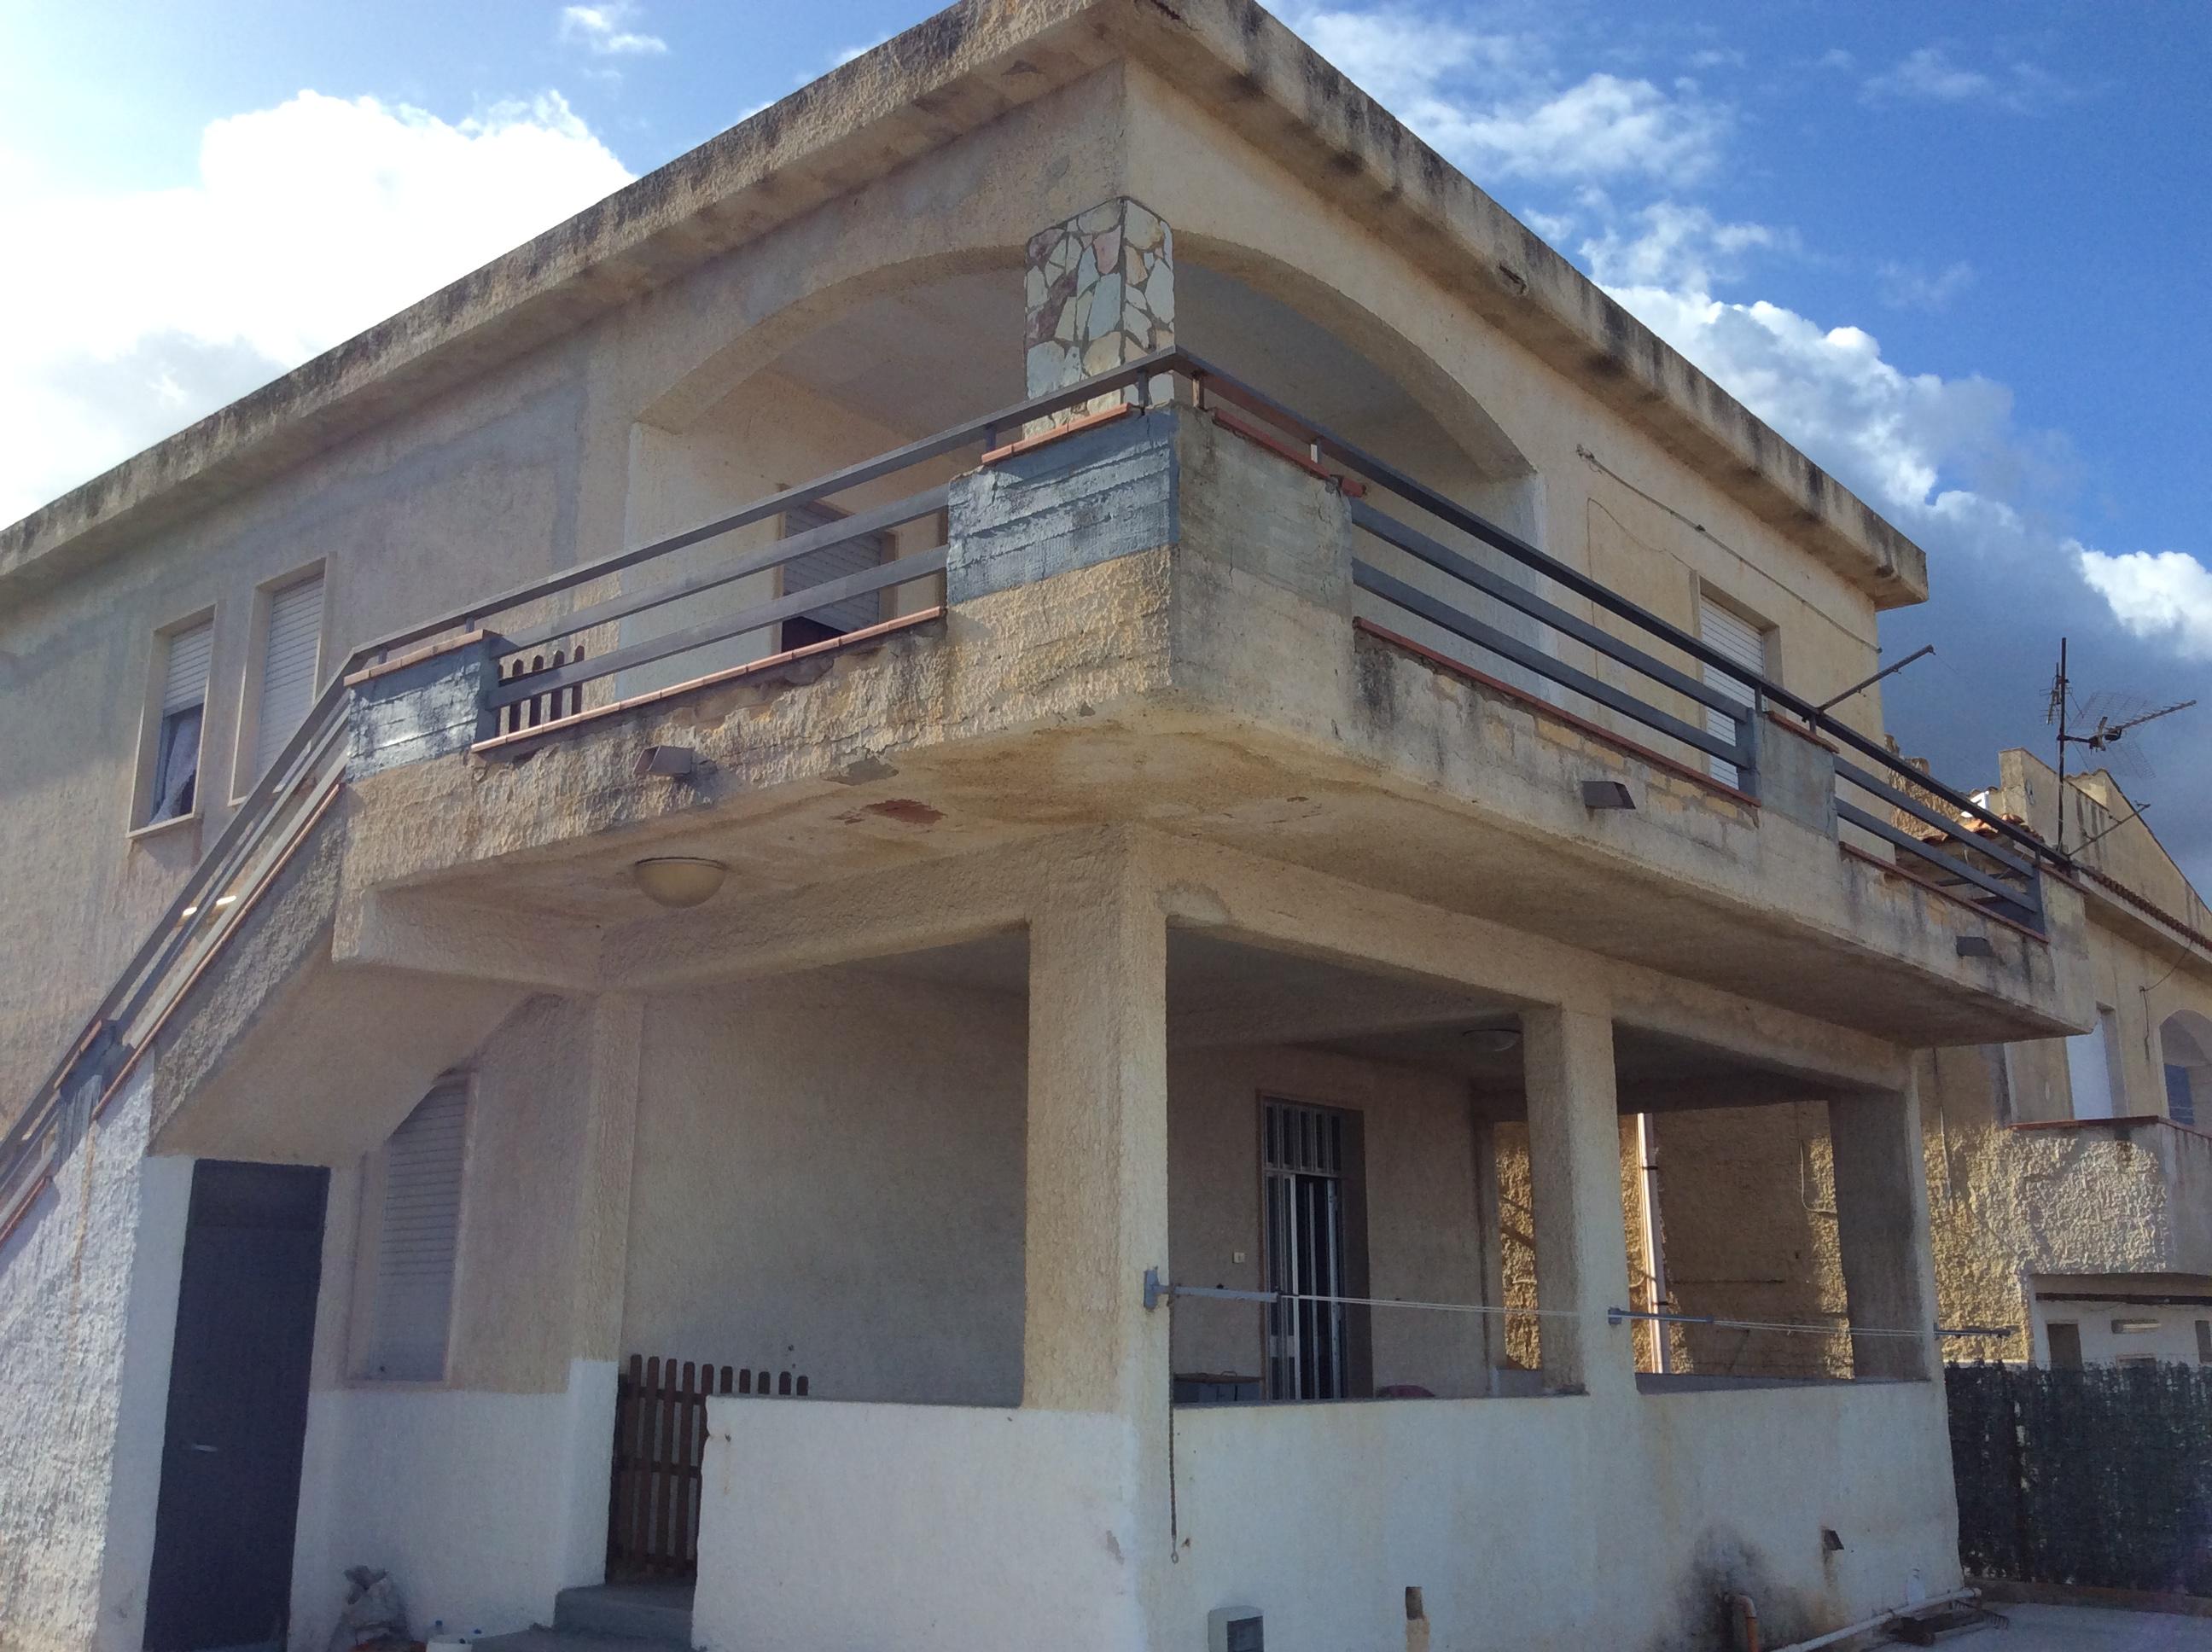 Villetta 2 Appartamenti zona C/da Magazinazzi ex Petrolgas